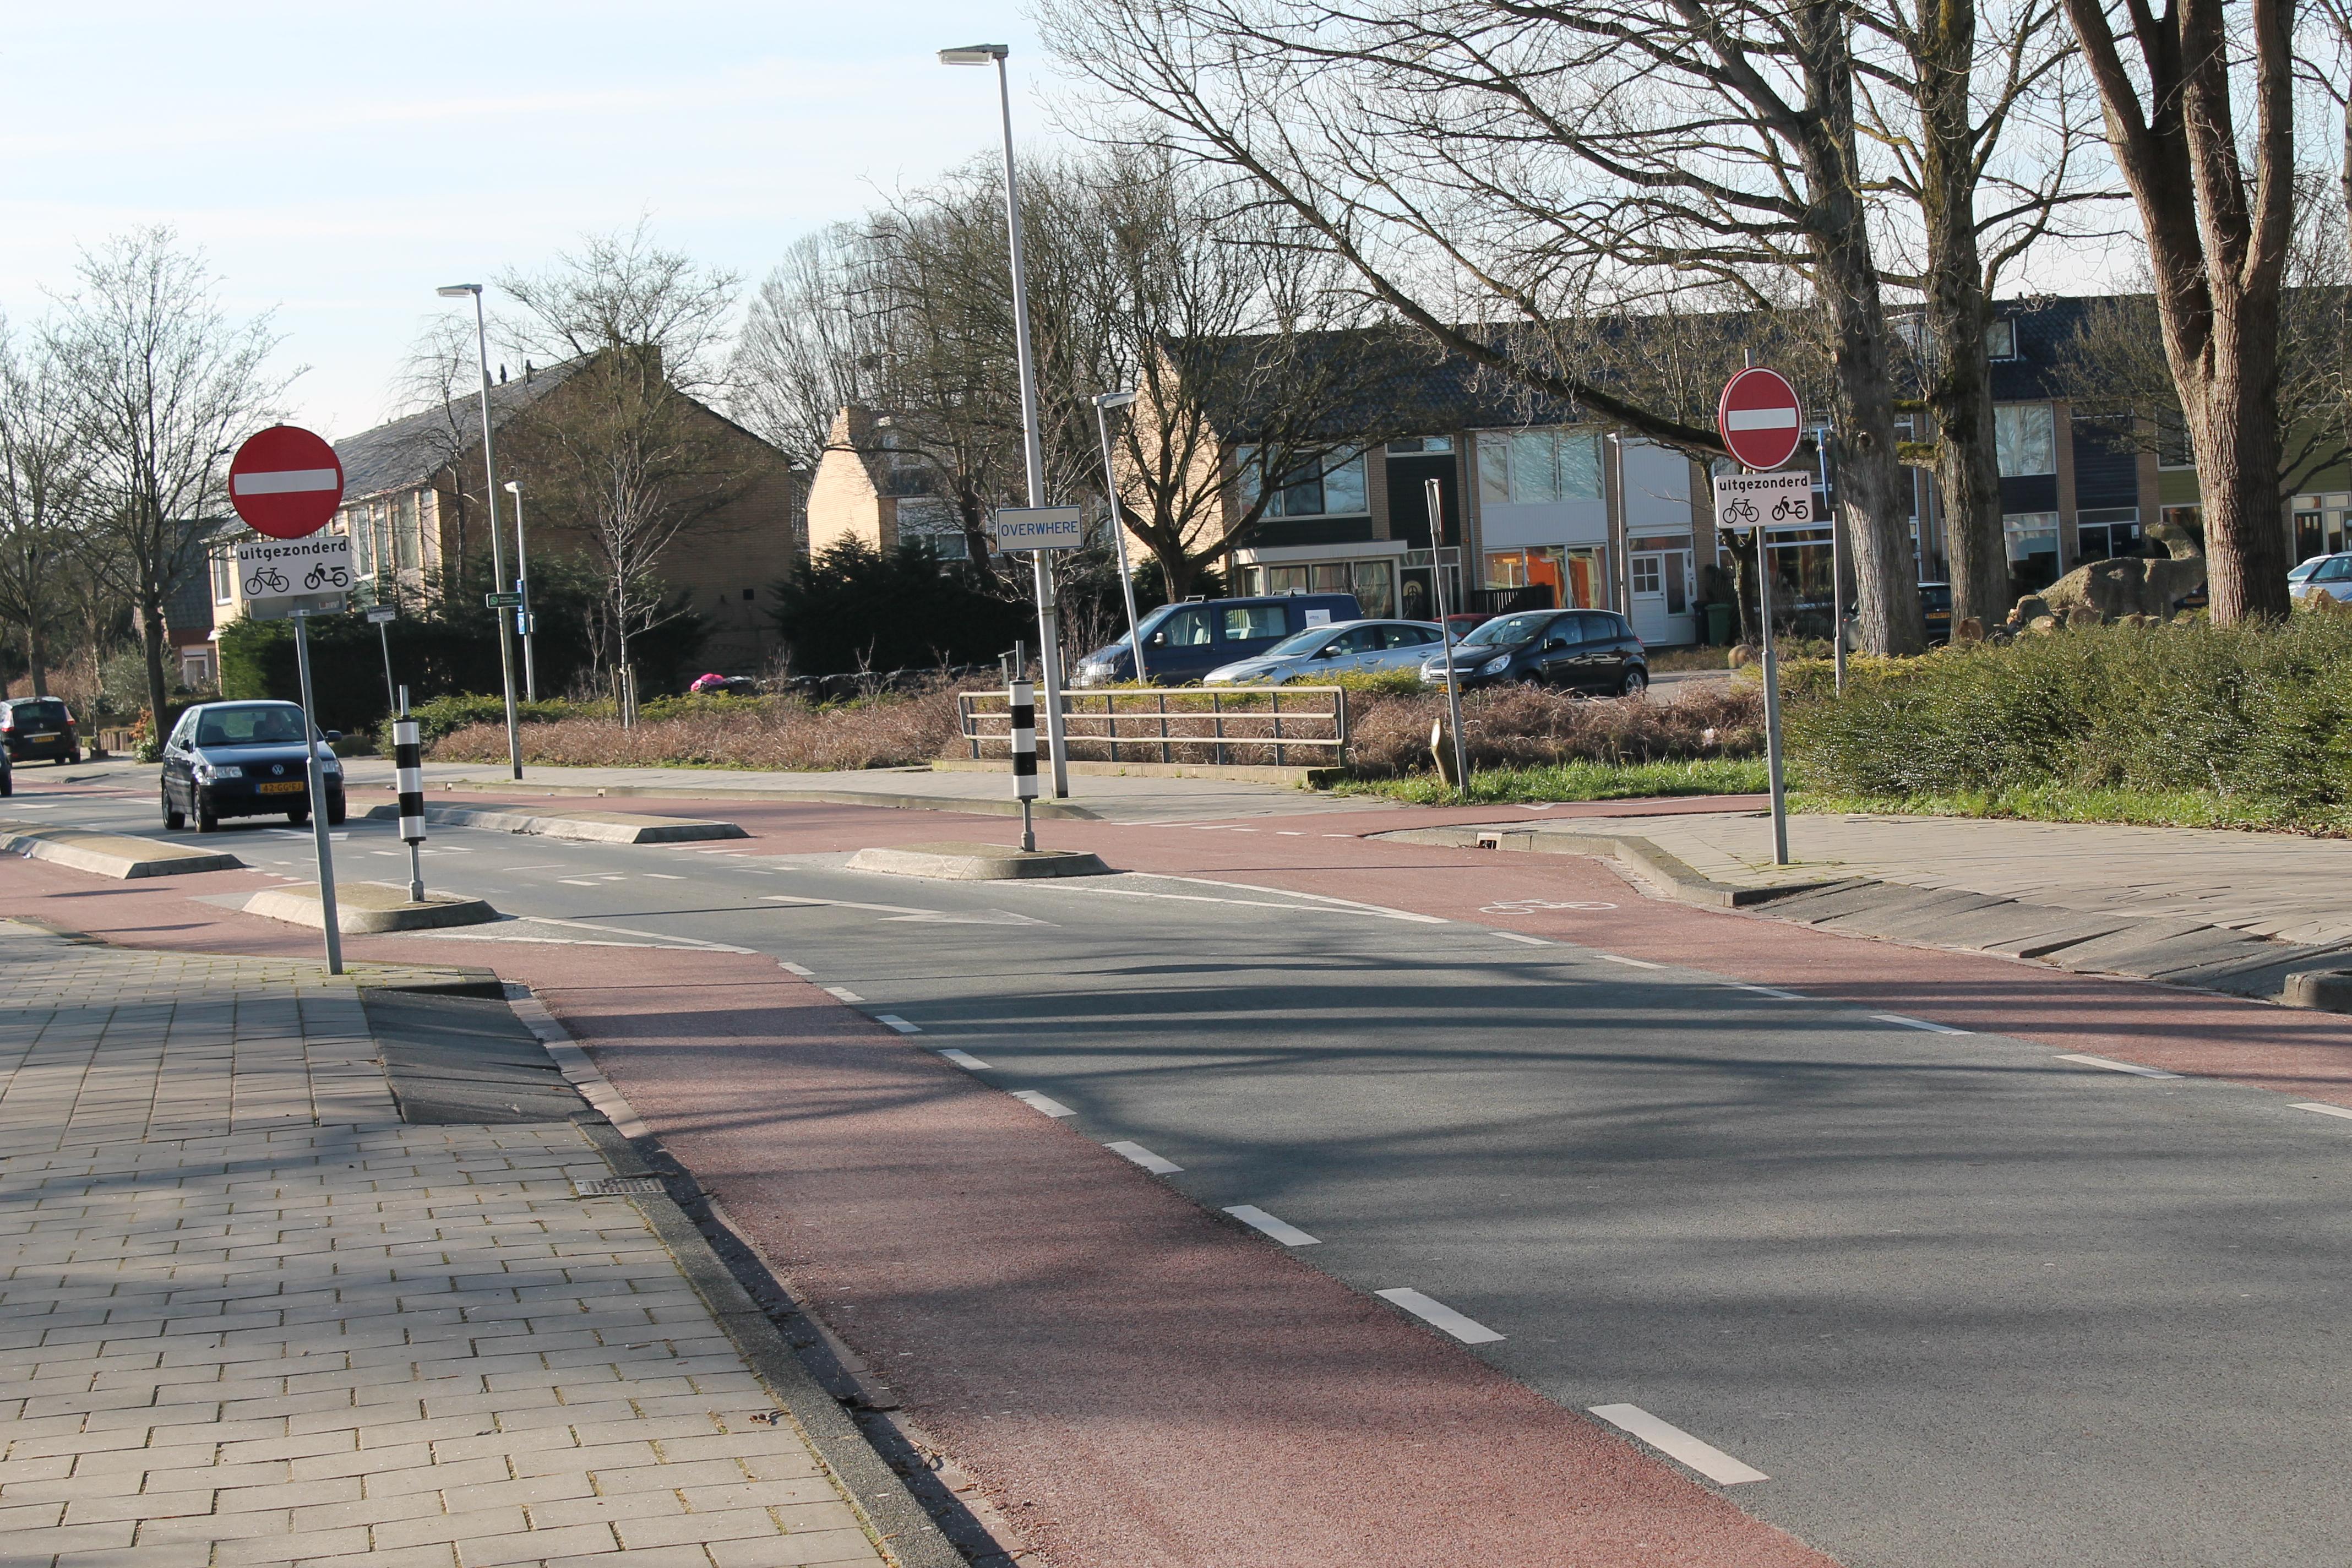 De bewuste situatie. Het verbod geldt maar voor enkele tientallen meters, daarna is de straat weer in beide richtingen te berijden. (Foto: John Bontje)